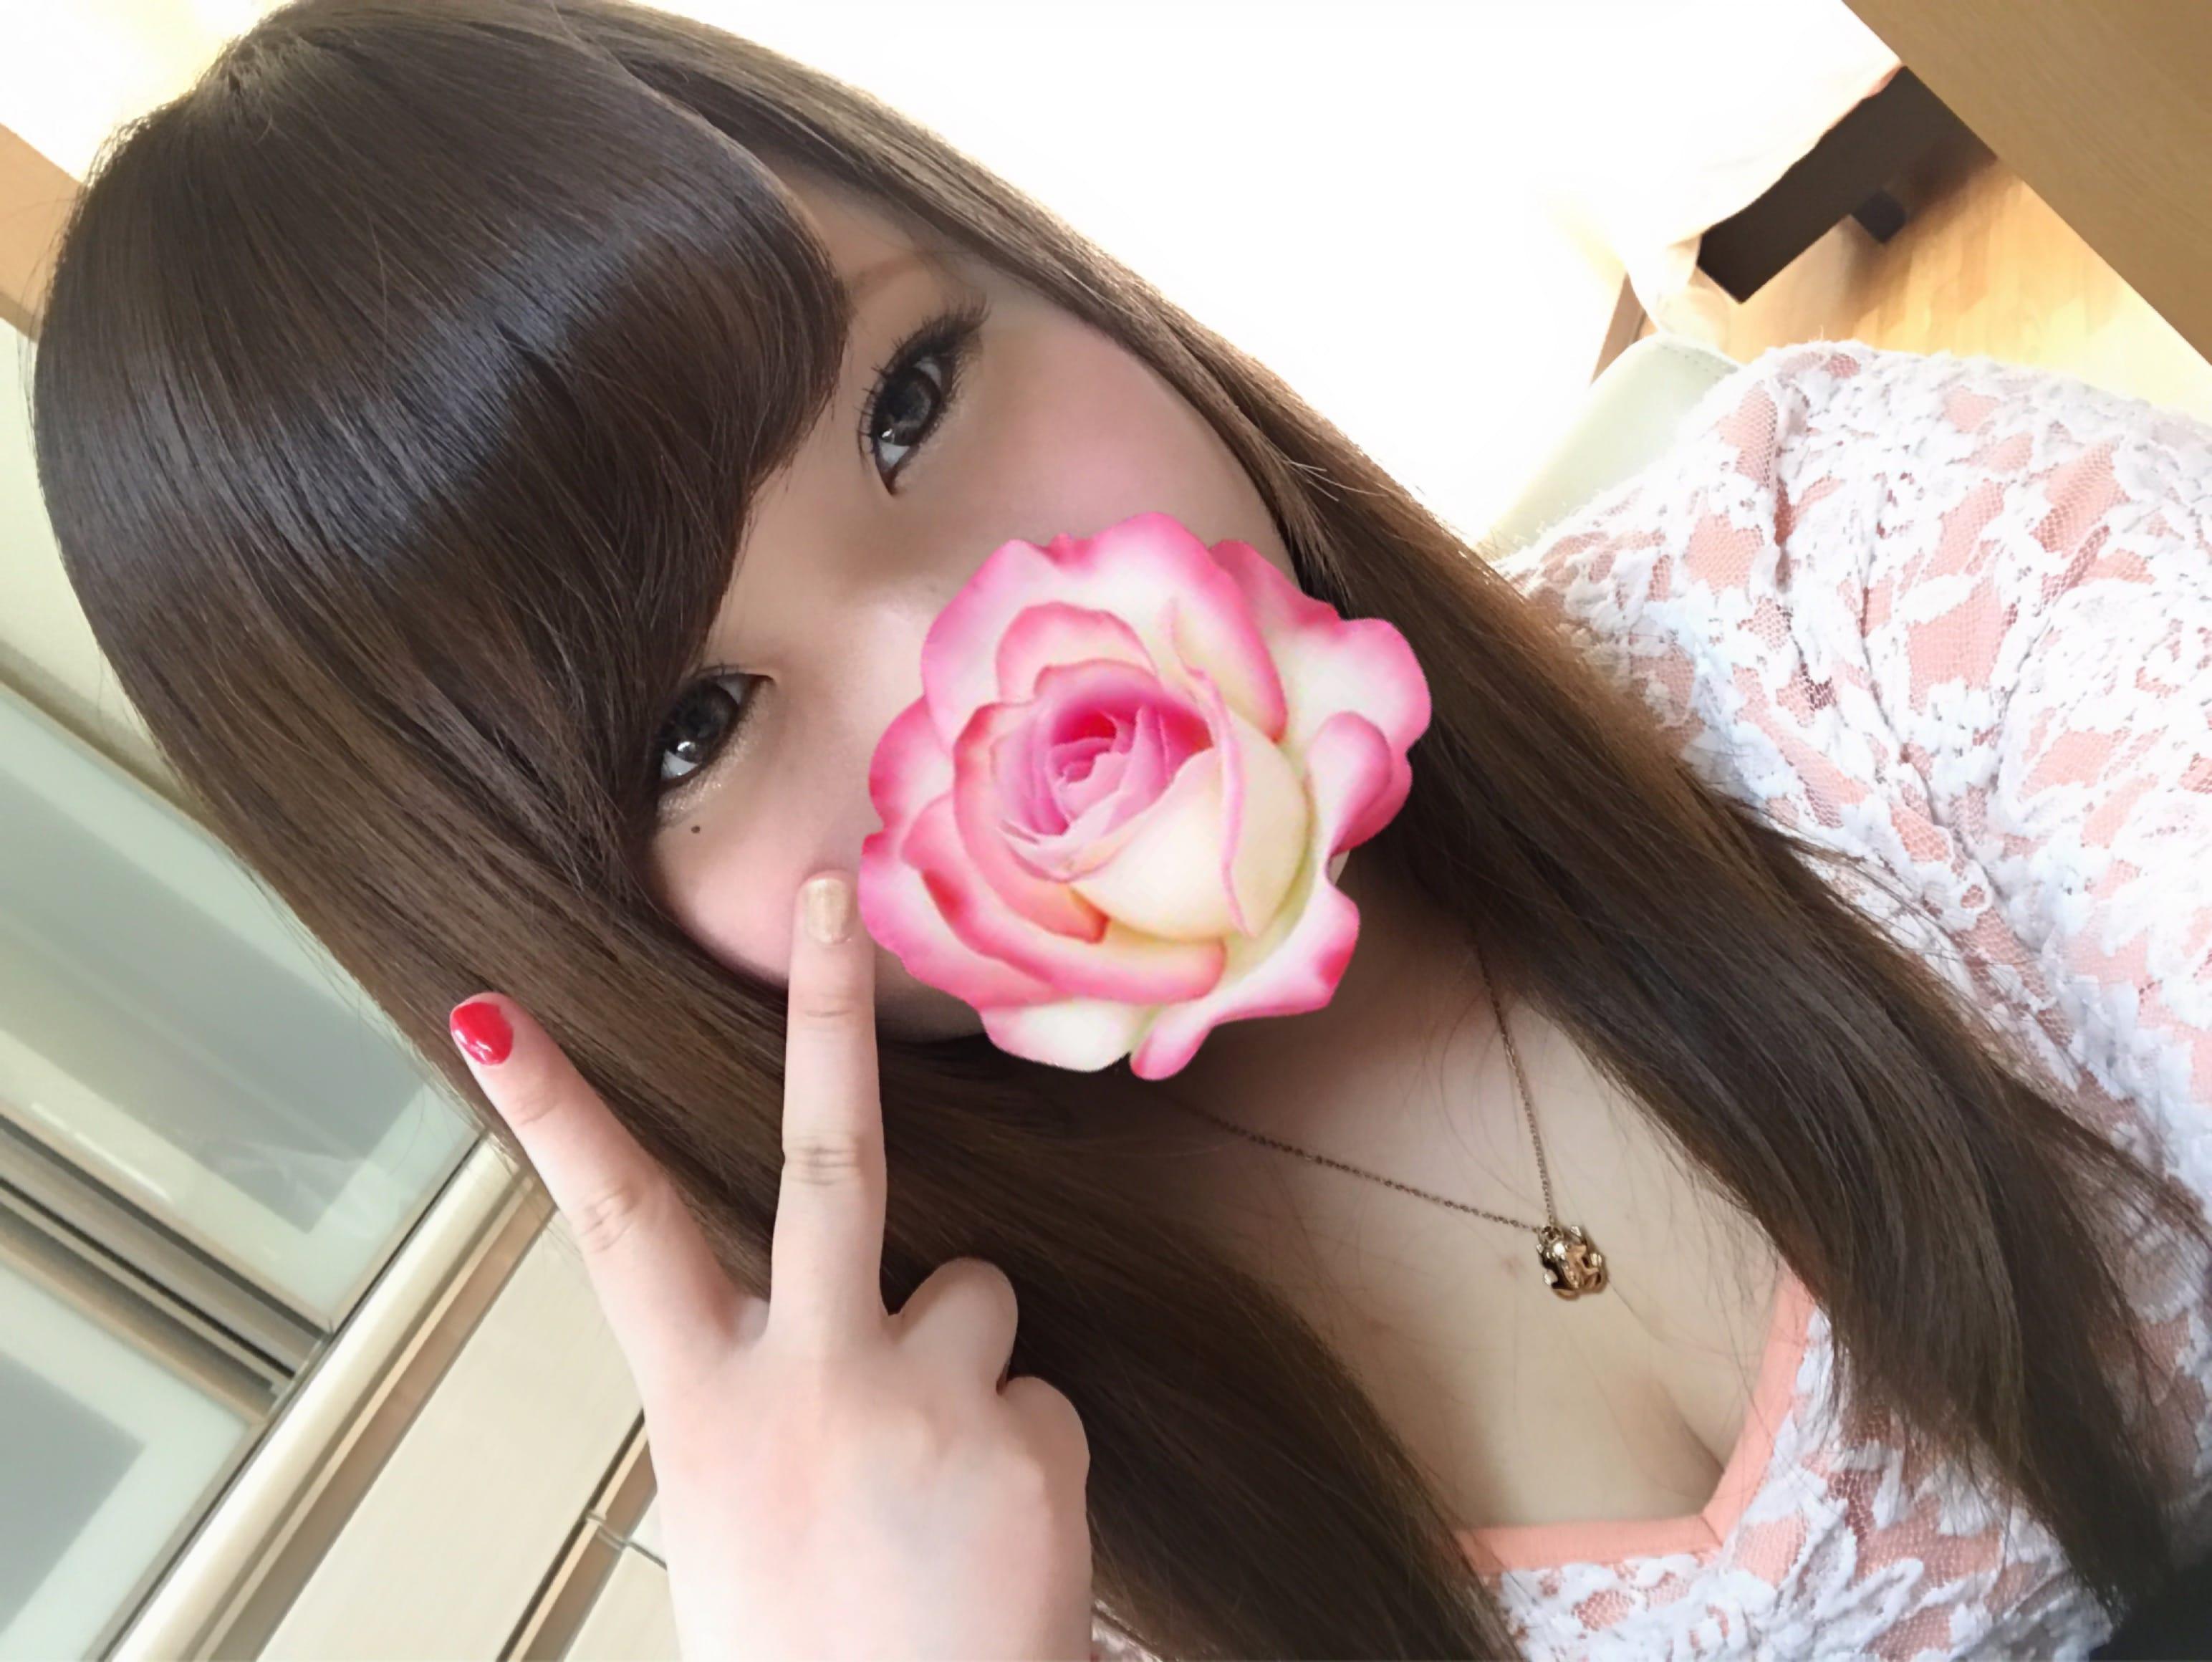 「おはにゃん(=^x^=)」07/30(日) 16:13 | よつばの写メ・風俗動画